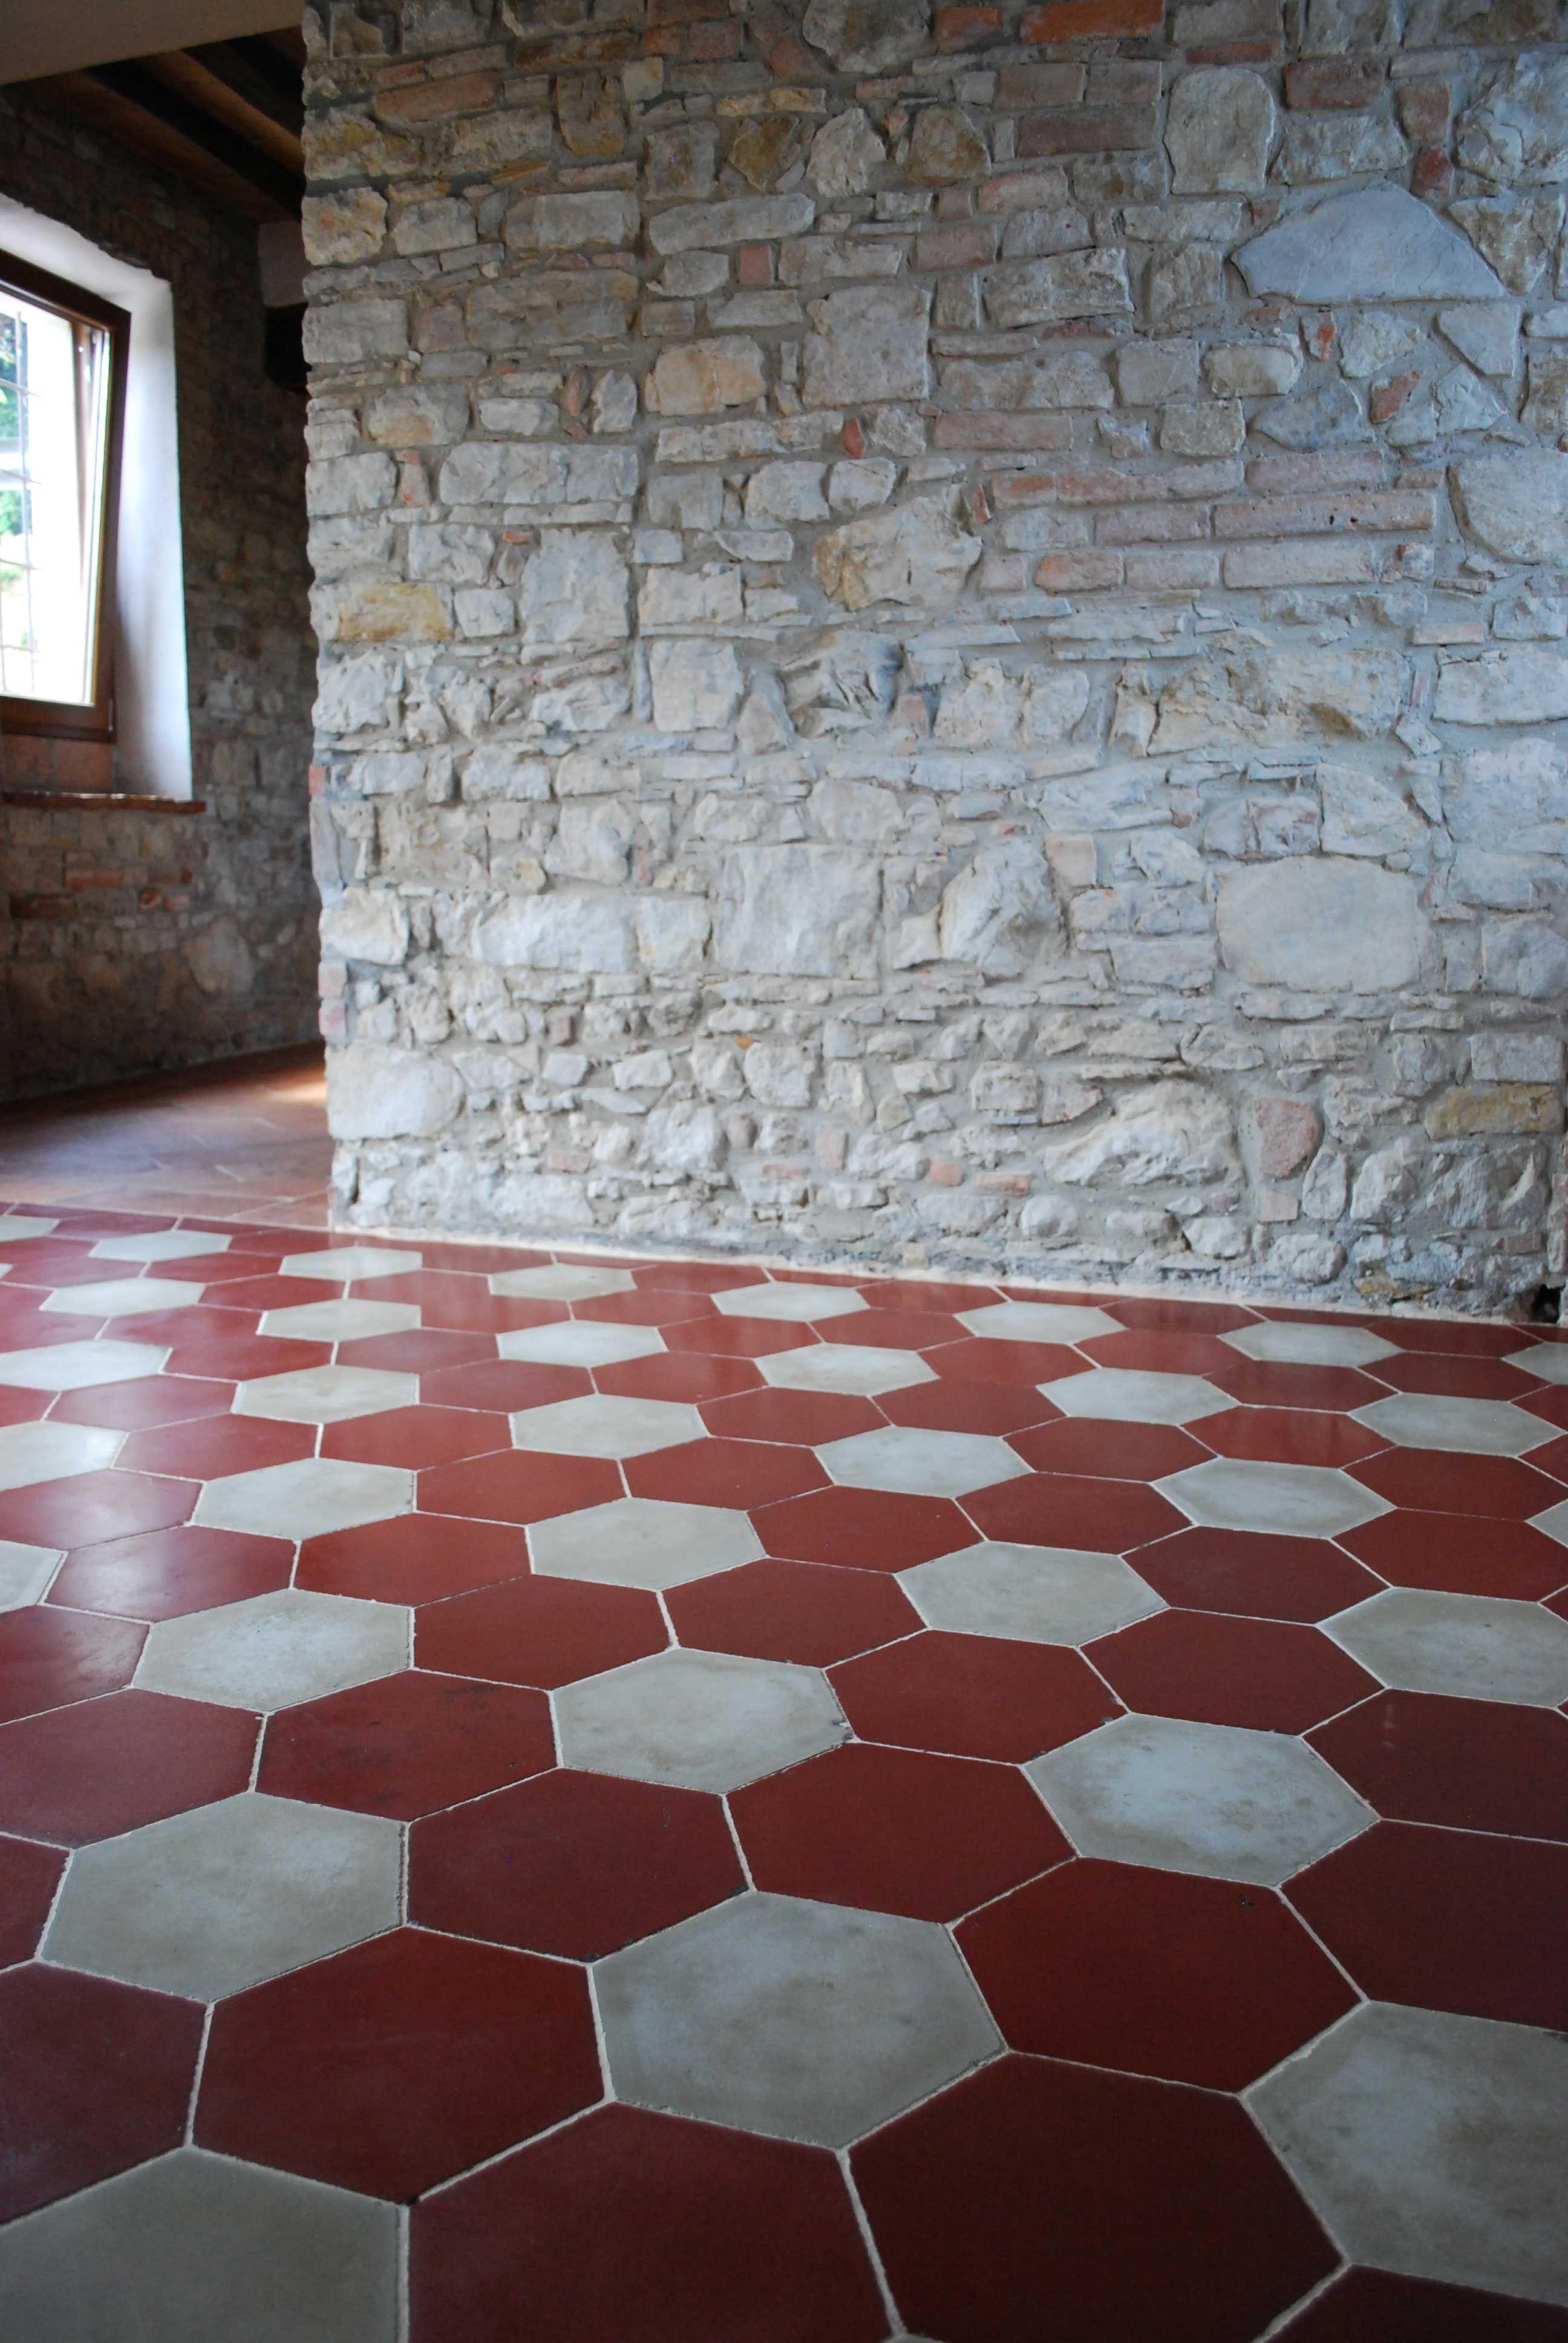 Pietre Bianca Per Interni pavimento in cementine esagonali bianche e rosse antiche